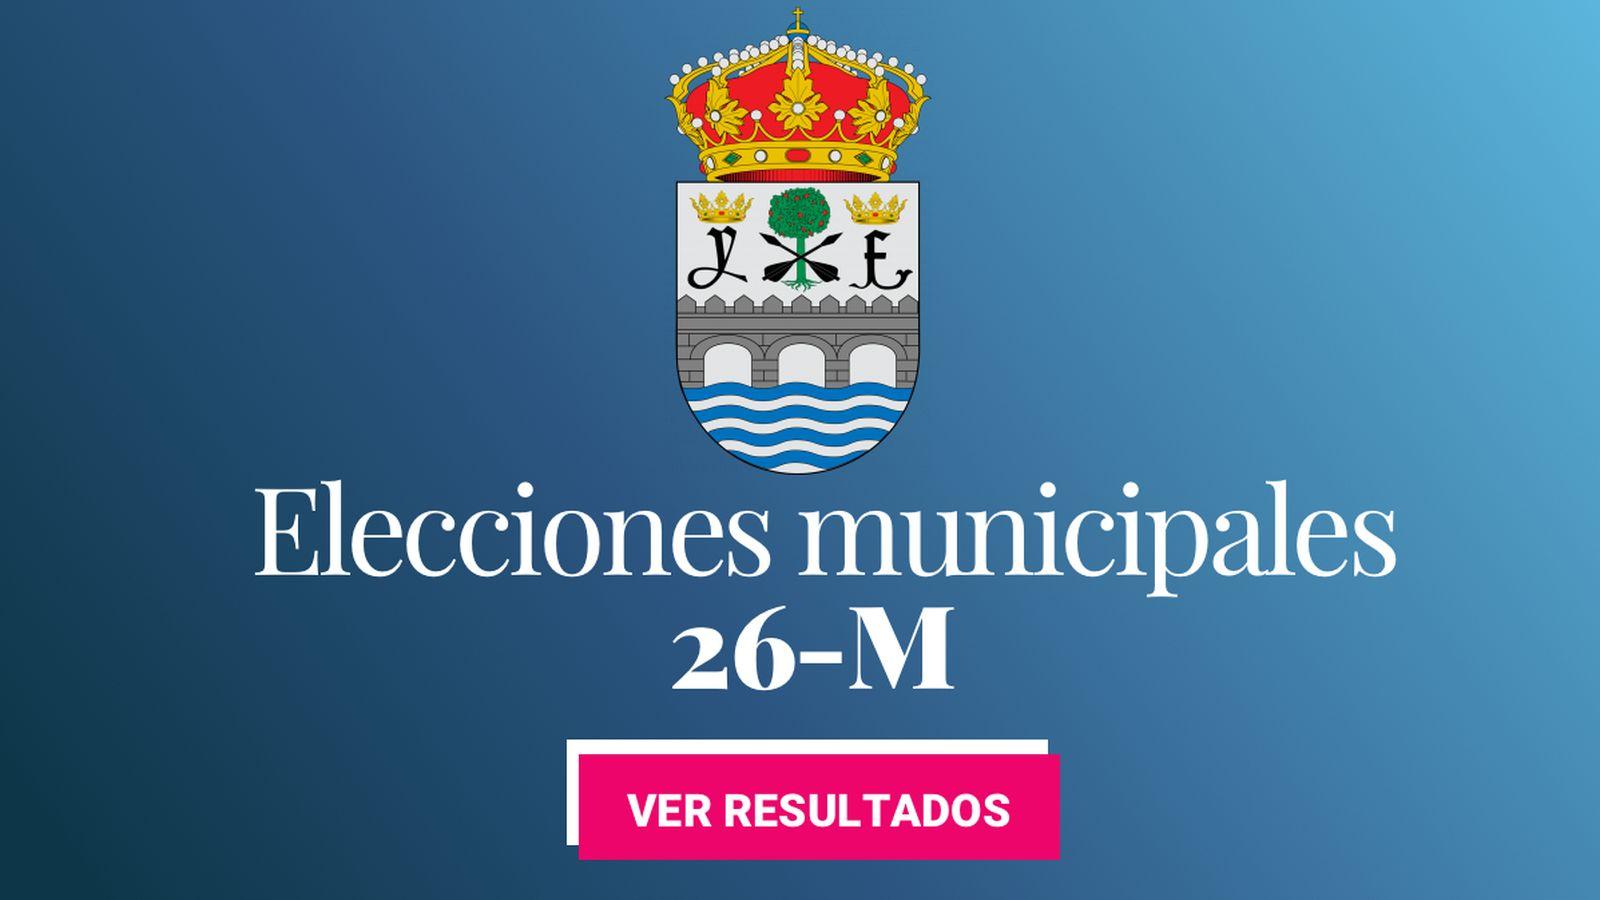 Foto: Elecciones municipales 2019 en San Sebastián de los Reyes. (C.C./EC)